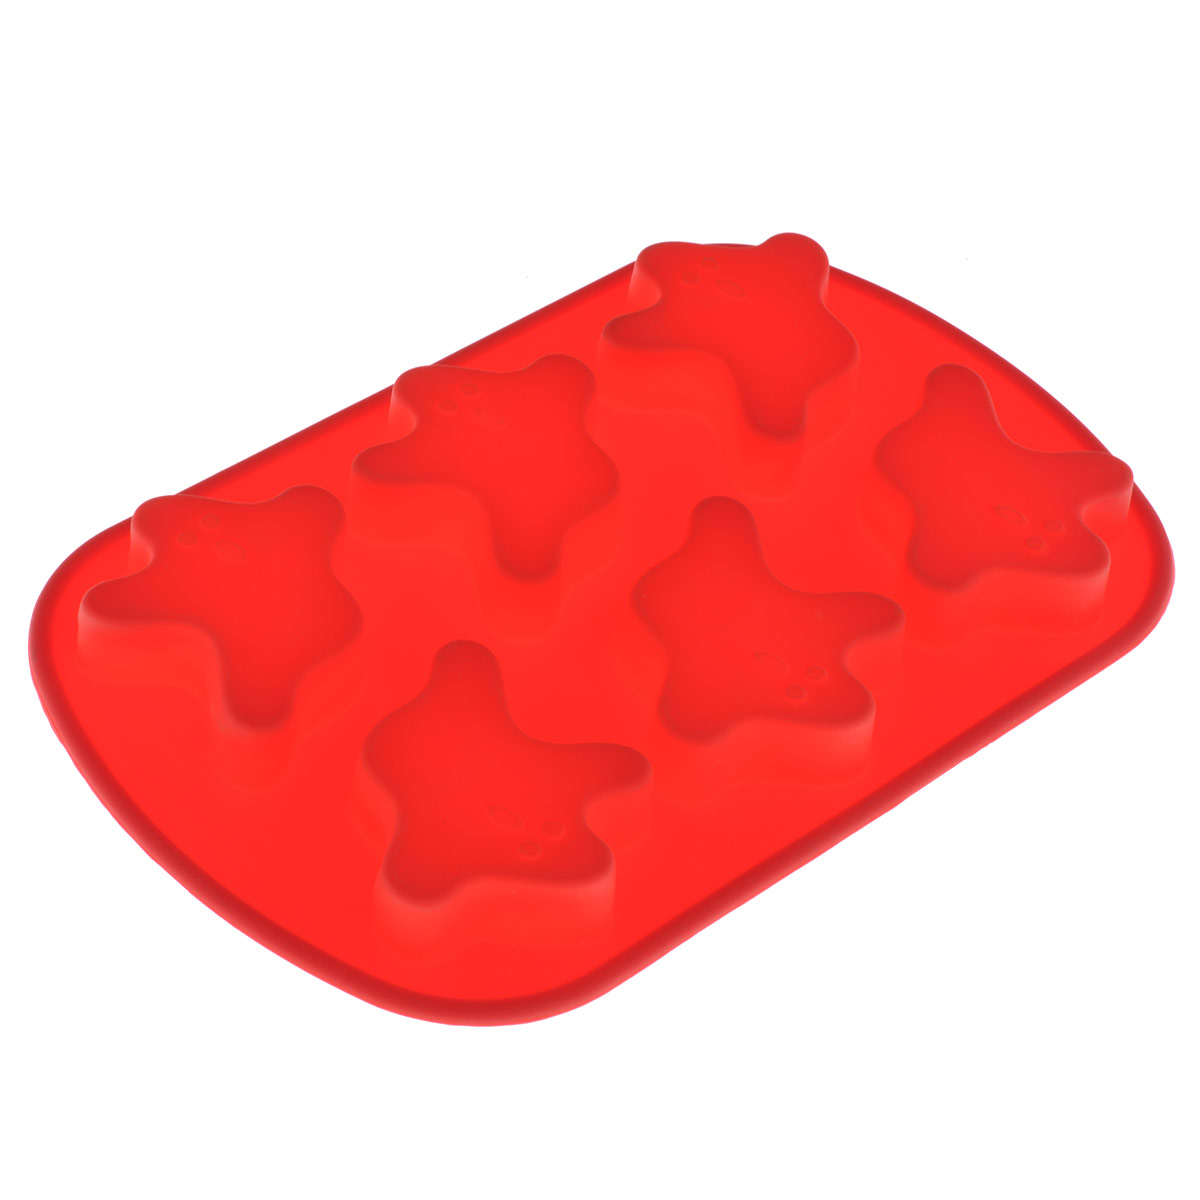 Форма силиконовая Mayer & Boch, 6 ячеек, цвет в ассортиментеMN3715Форма Mayer & Boch выполнена из силикона цвета и предназначена для выпечки печенья. На одном листе расположено 6 ячеек.Силиконовые формы выдерживают высокие и низкие температуры (от -40°С до +220°С). Они эластичны, износостойки, легко моются, не горят и не тлеют, не впитывают запахи, не оставляют пятен. Силикон абсолютно безвреден для здоровья.Не используйте моющие средства, содержащие абразивы. Можно мыть в посудомоечной машине. Подходит для использования во всех типах печей. Характеристики:Материал: силикон. Цвет: красный. Общий размер формы: 25 см х 16 см х 2 см. Глубина ячейки: 3,5 см. Размер упаковки: 31,5 см х 16,5 см х 2,5 см. Артикул: MN3715.УВАЖАЕМЫЕ КЛИЕНТЫ! Обращаем ваше внимание на ассортимент в цветовом дизайне товара. Поставка осуществляется в зависимости от наличия на складе.